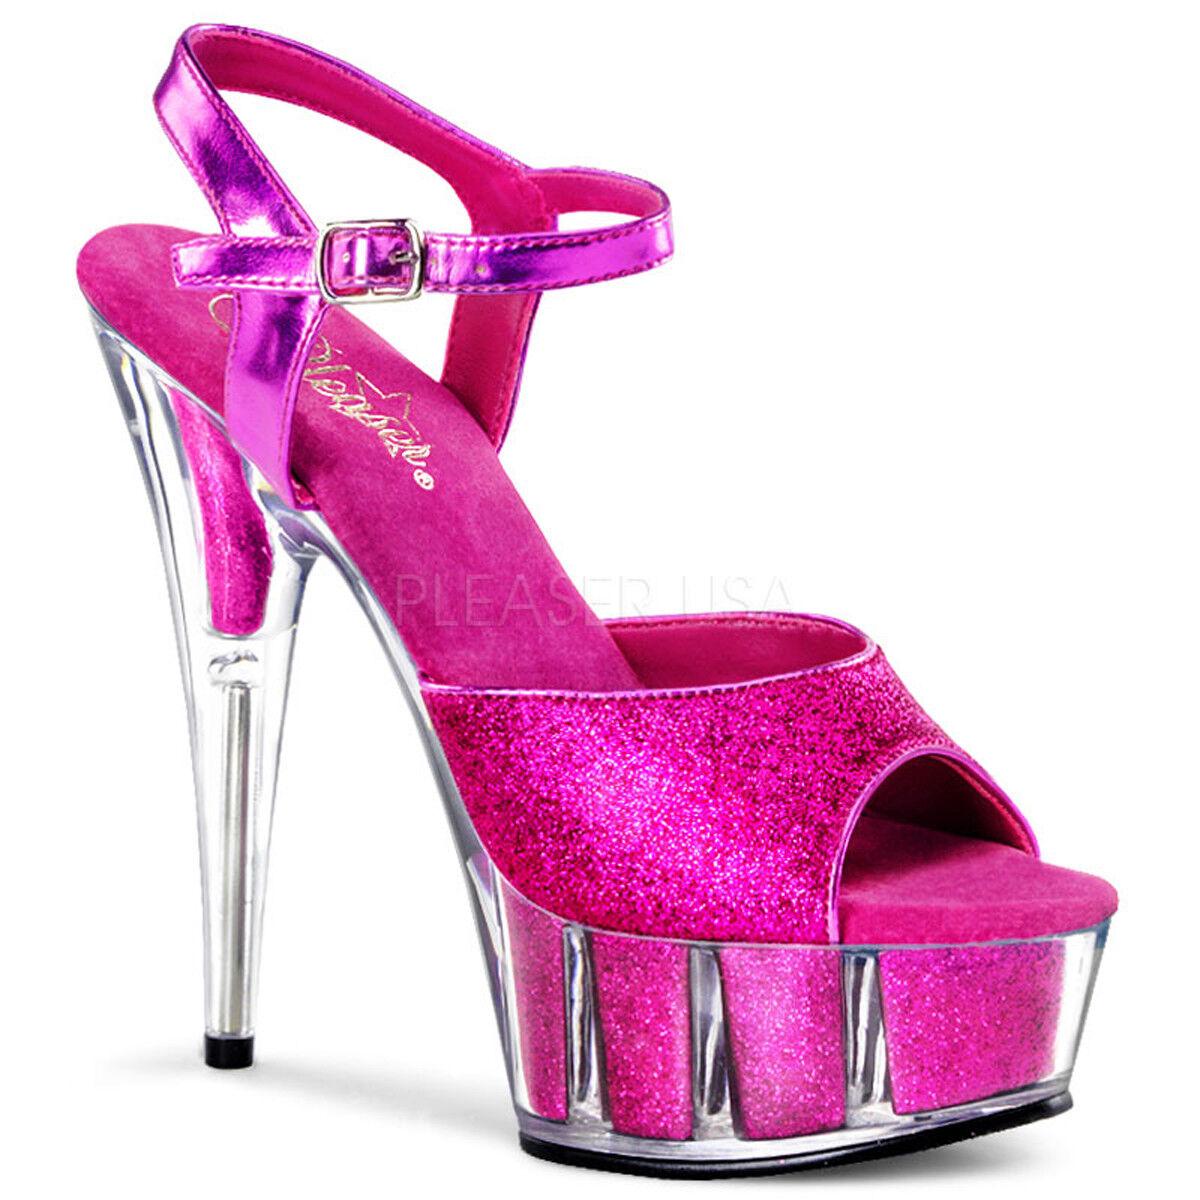 6  Silber Glitter Clear Platform schuhe Stripper schuhe Platform Mens Drag High Heels Pleaser 0ab0b0